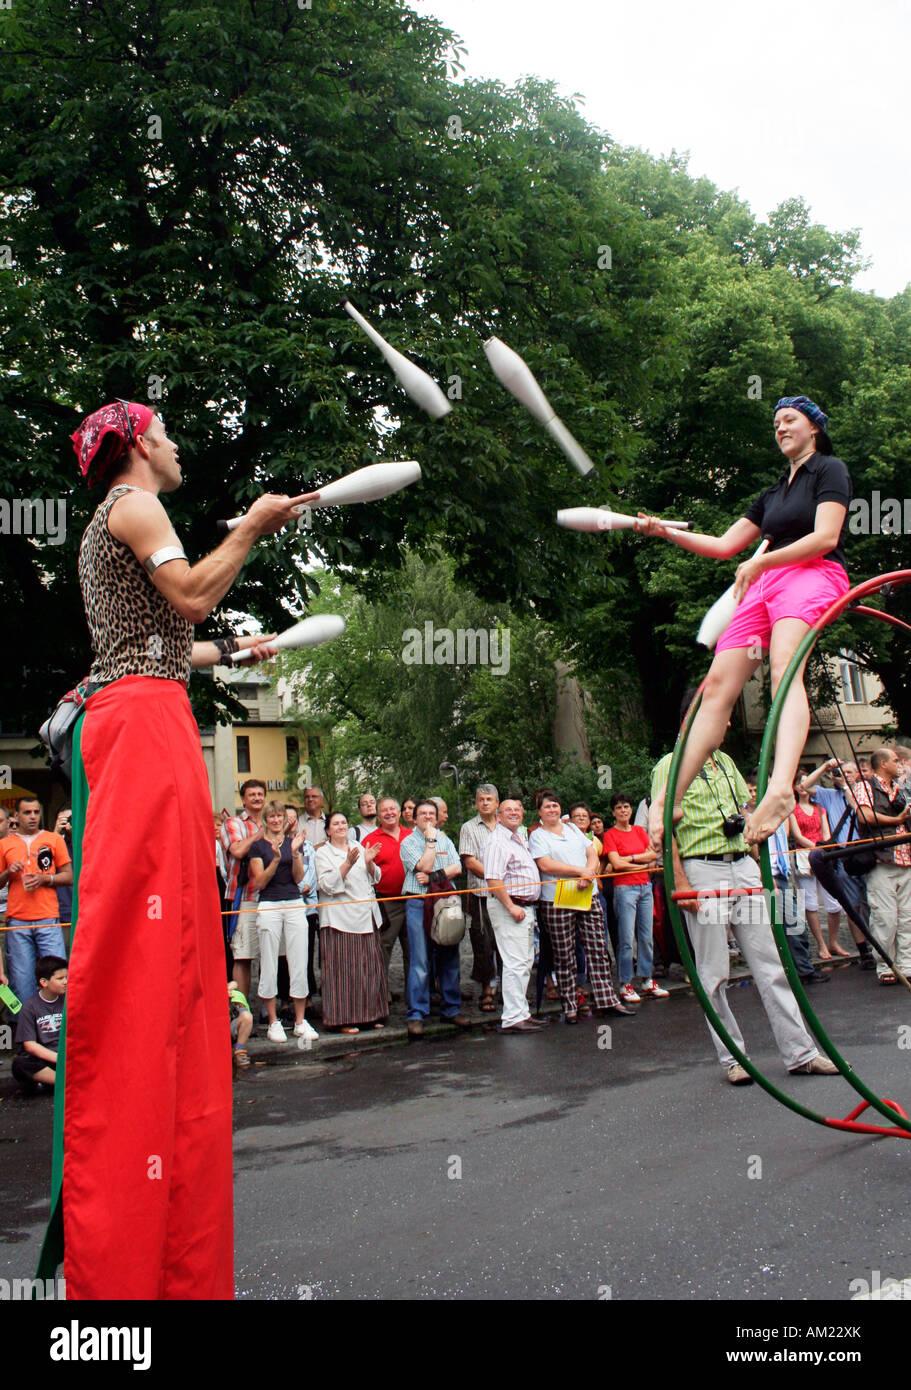 Les jongleurs au carnaval des cultures, Kreuzberg, Berlin, Allemagne Photo Stock